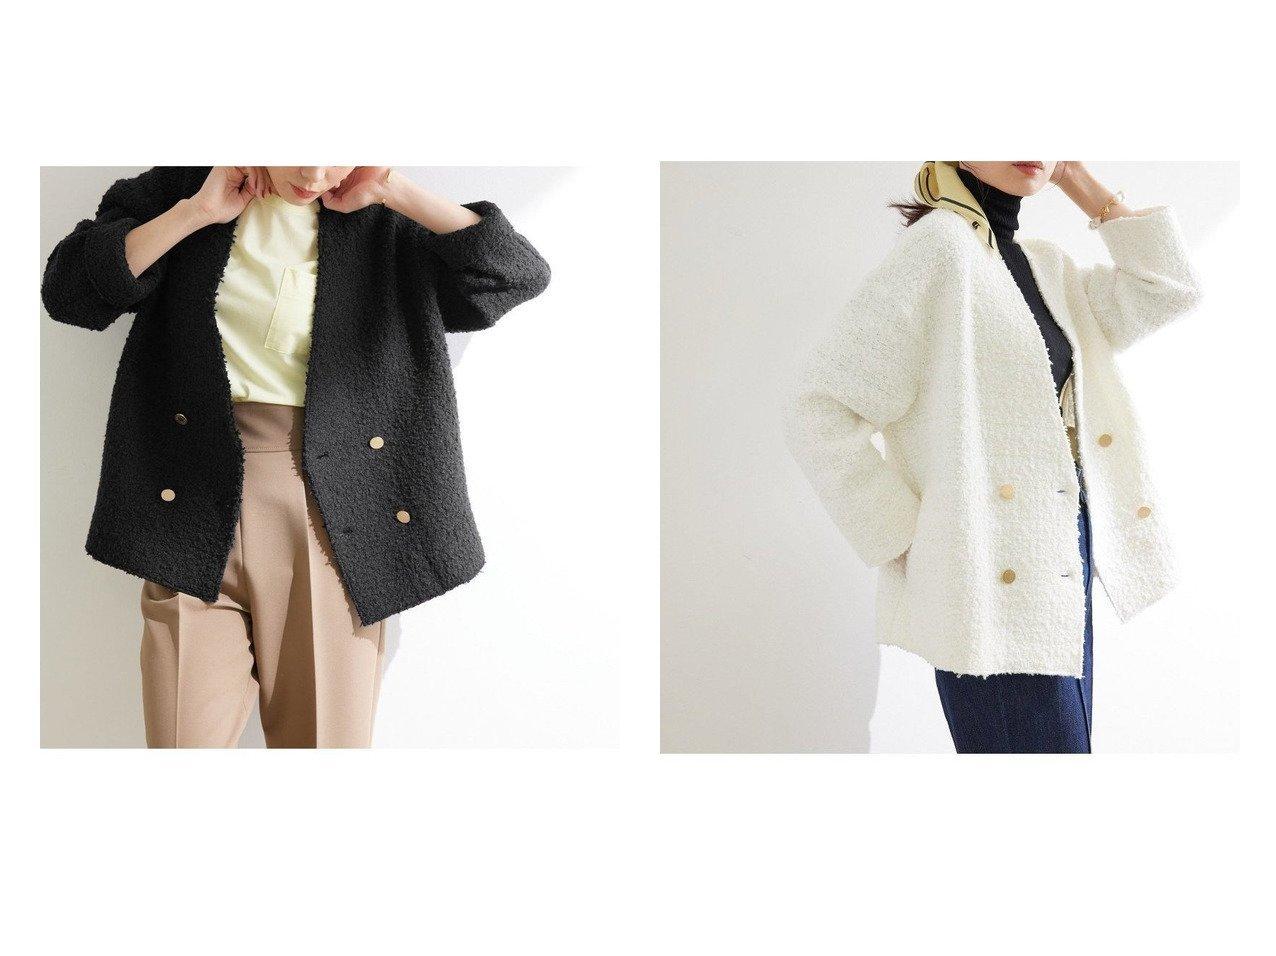 【ROPE'/ロペ】のツィードニットジャケット 【アウター】おすすめ!人気、トレンド・レディースファッションの通販 おすすめで人気の流行・トレンド、ファッションの通販商品 インテリア・家具・メンズファッション・キッズファッション・レディースファッション・服の通販 founy(ファニー) https://founy.com/ ファッション Fashion レディースファッション WOMEN アウター Coat Outerwear コート Coats ジャケット Jackets ノーカラージャケット No Collar Leather Jackets アクセサリー カーディガン ジャケット スカーフ ストレート スラックス ツィード デニム パール フォルム フレンチ ポケット モダン おすすめ Recommend |ID:crp329100000069664